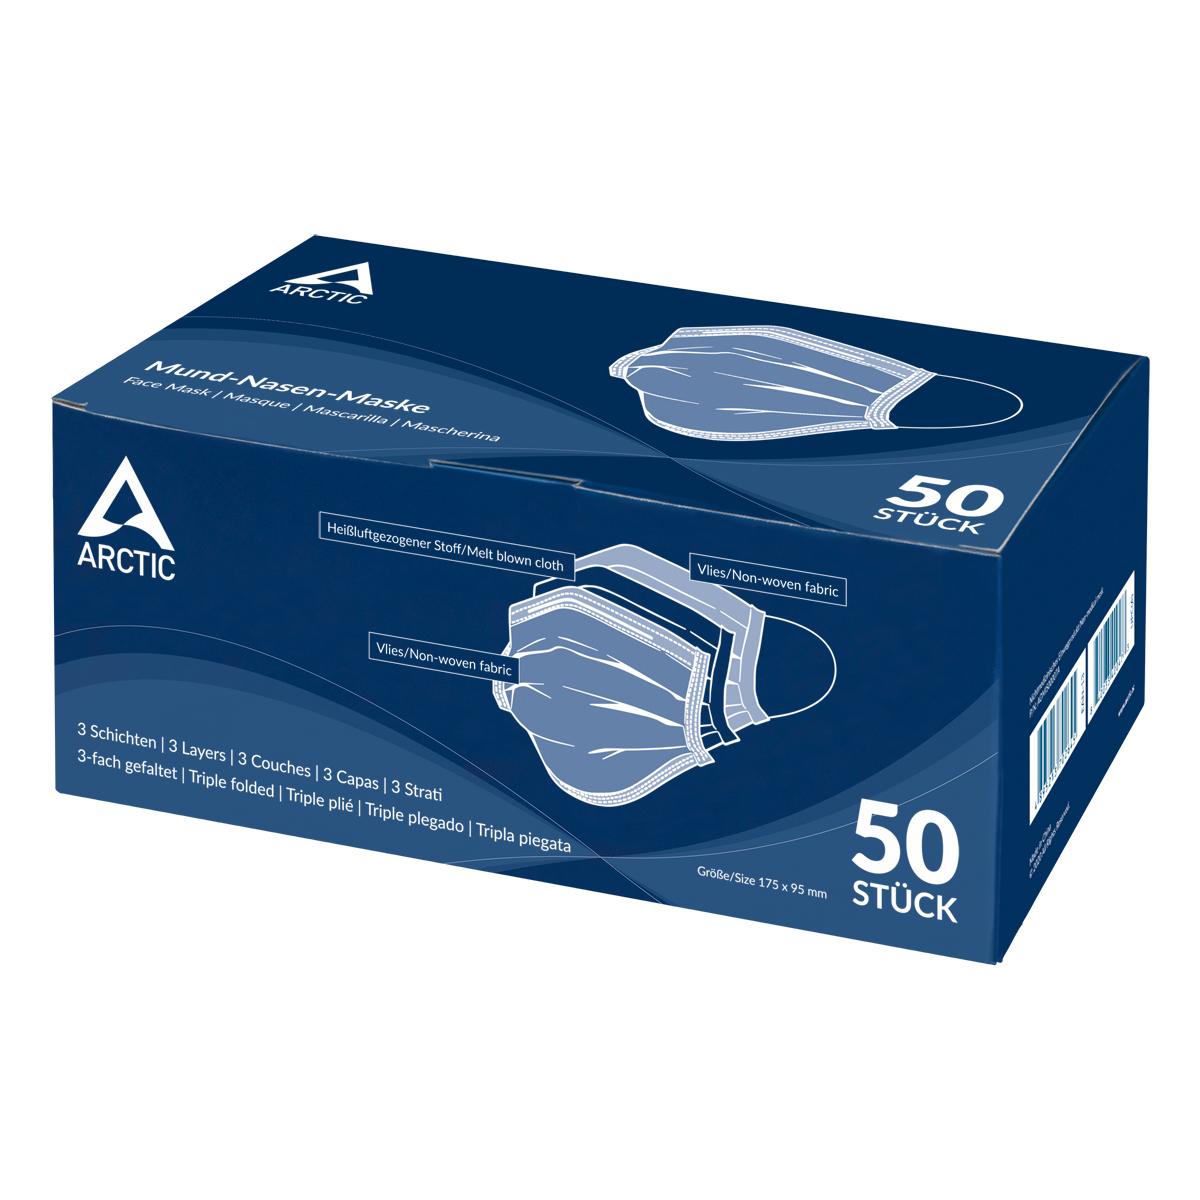 ARCTIC Mund-Nasen-Maske Produktverpackung Vorderansicht